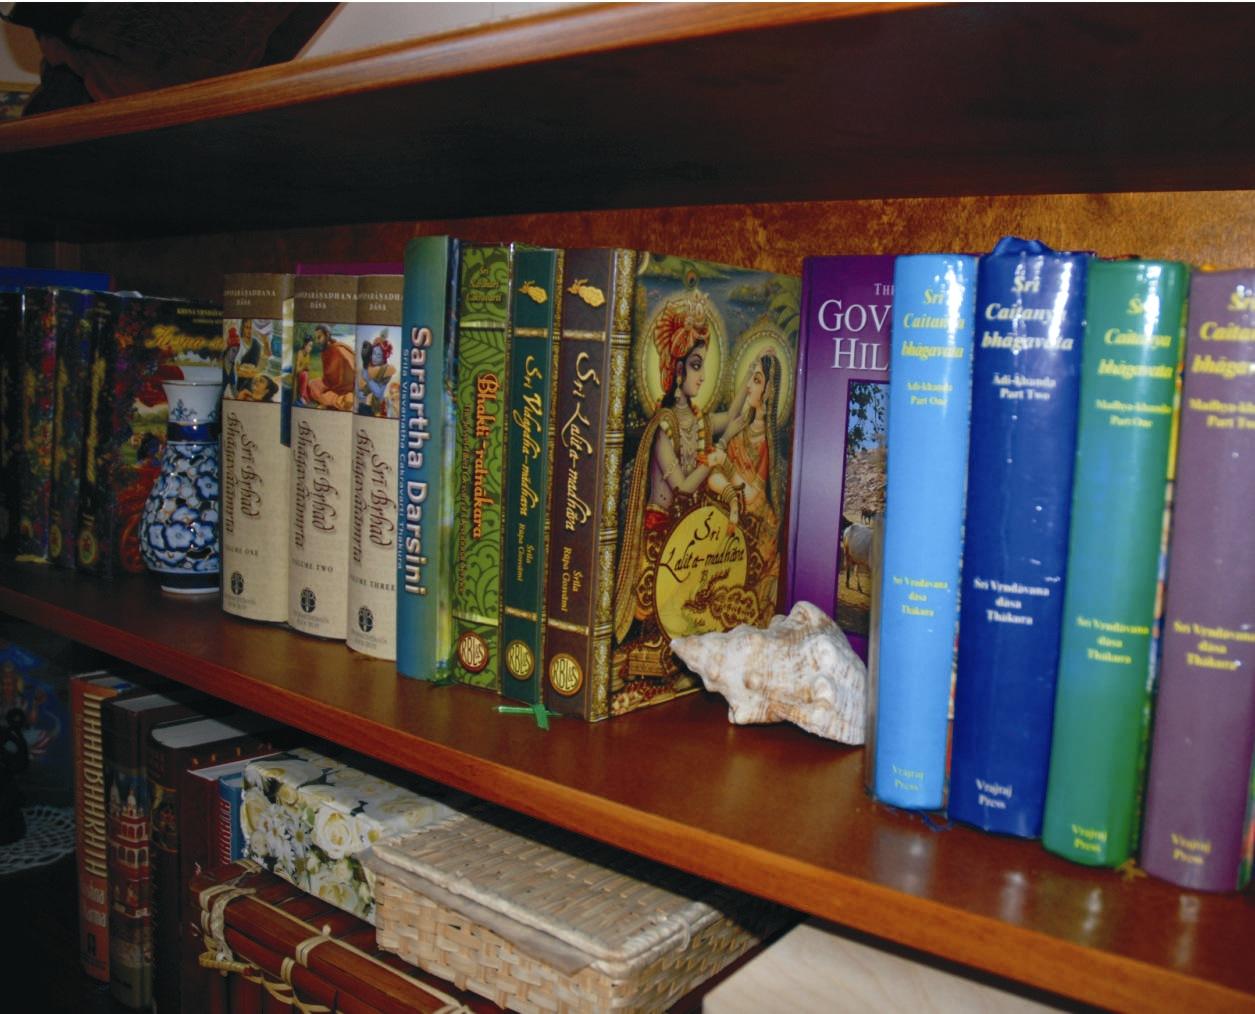 Tegyél egy próbát! Egyik reggel olvass a kedvenc - lehetőleg spirituális vagy tanító jellegű könyvedből, a másik reggel pedig olvasd el a híreket - a celebhíreket is beleértve! Vajon melyik napon fogok Magad jobban érezni?